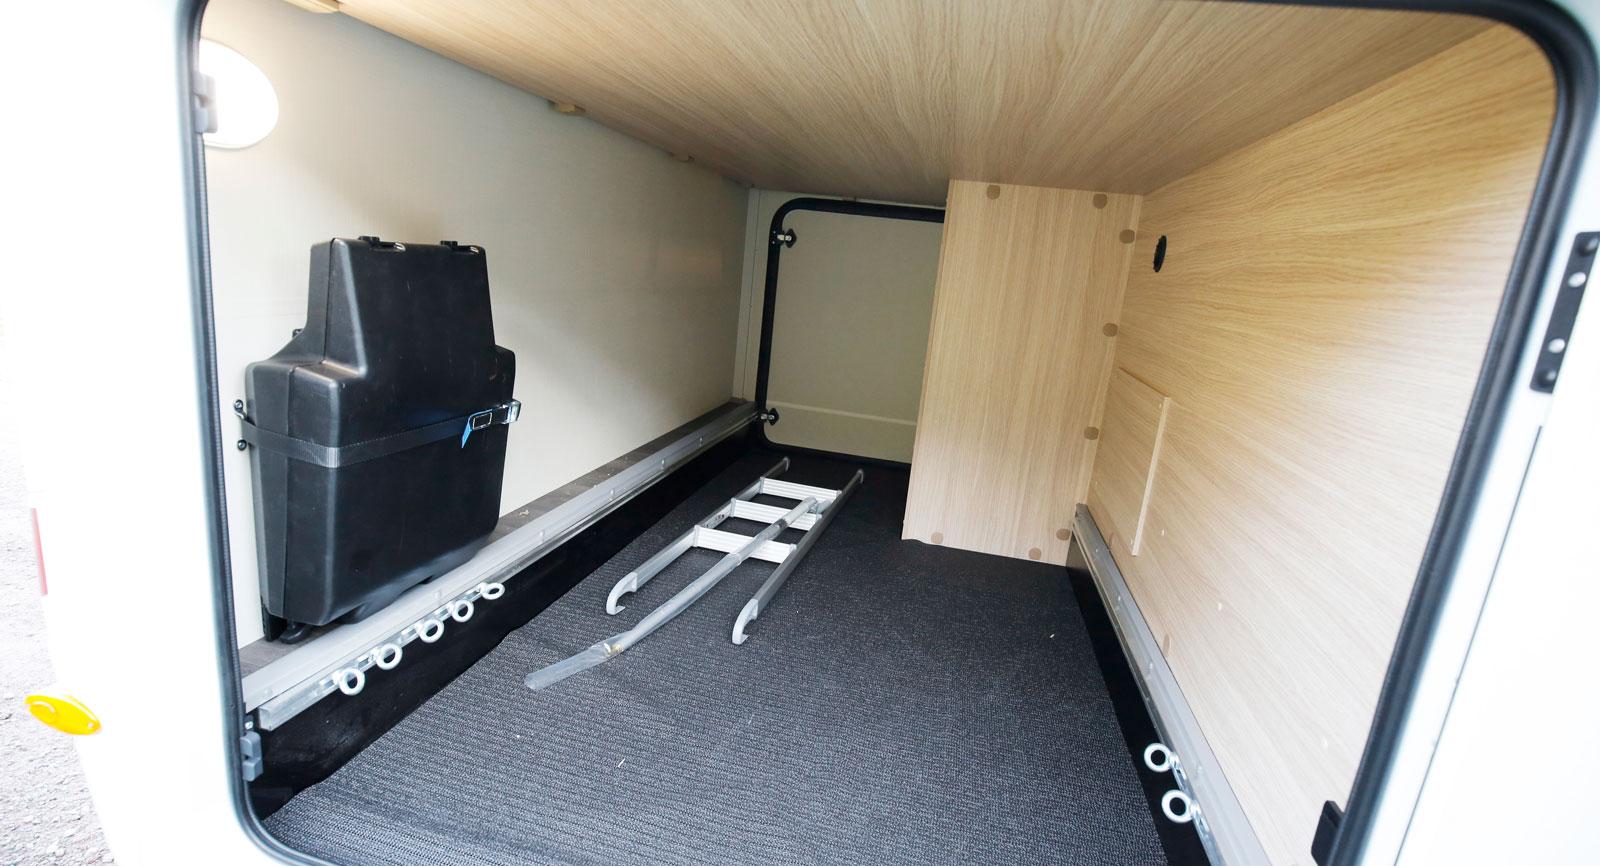 Det stora garaget rymmer mycket utrustning. Tänk bara påtotalvikten om du packar ända upp till taket.